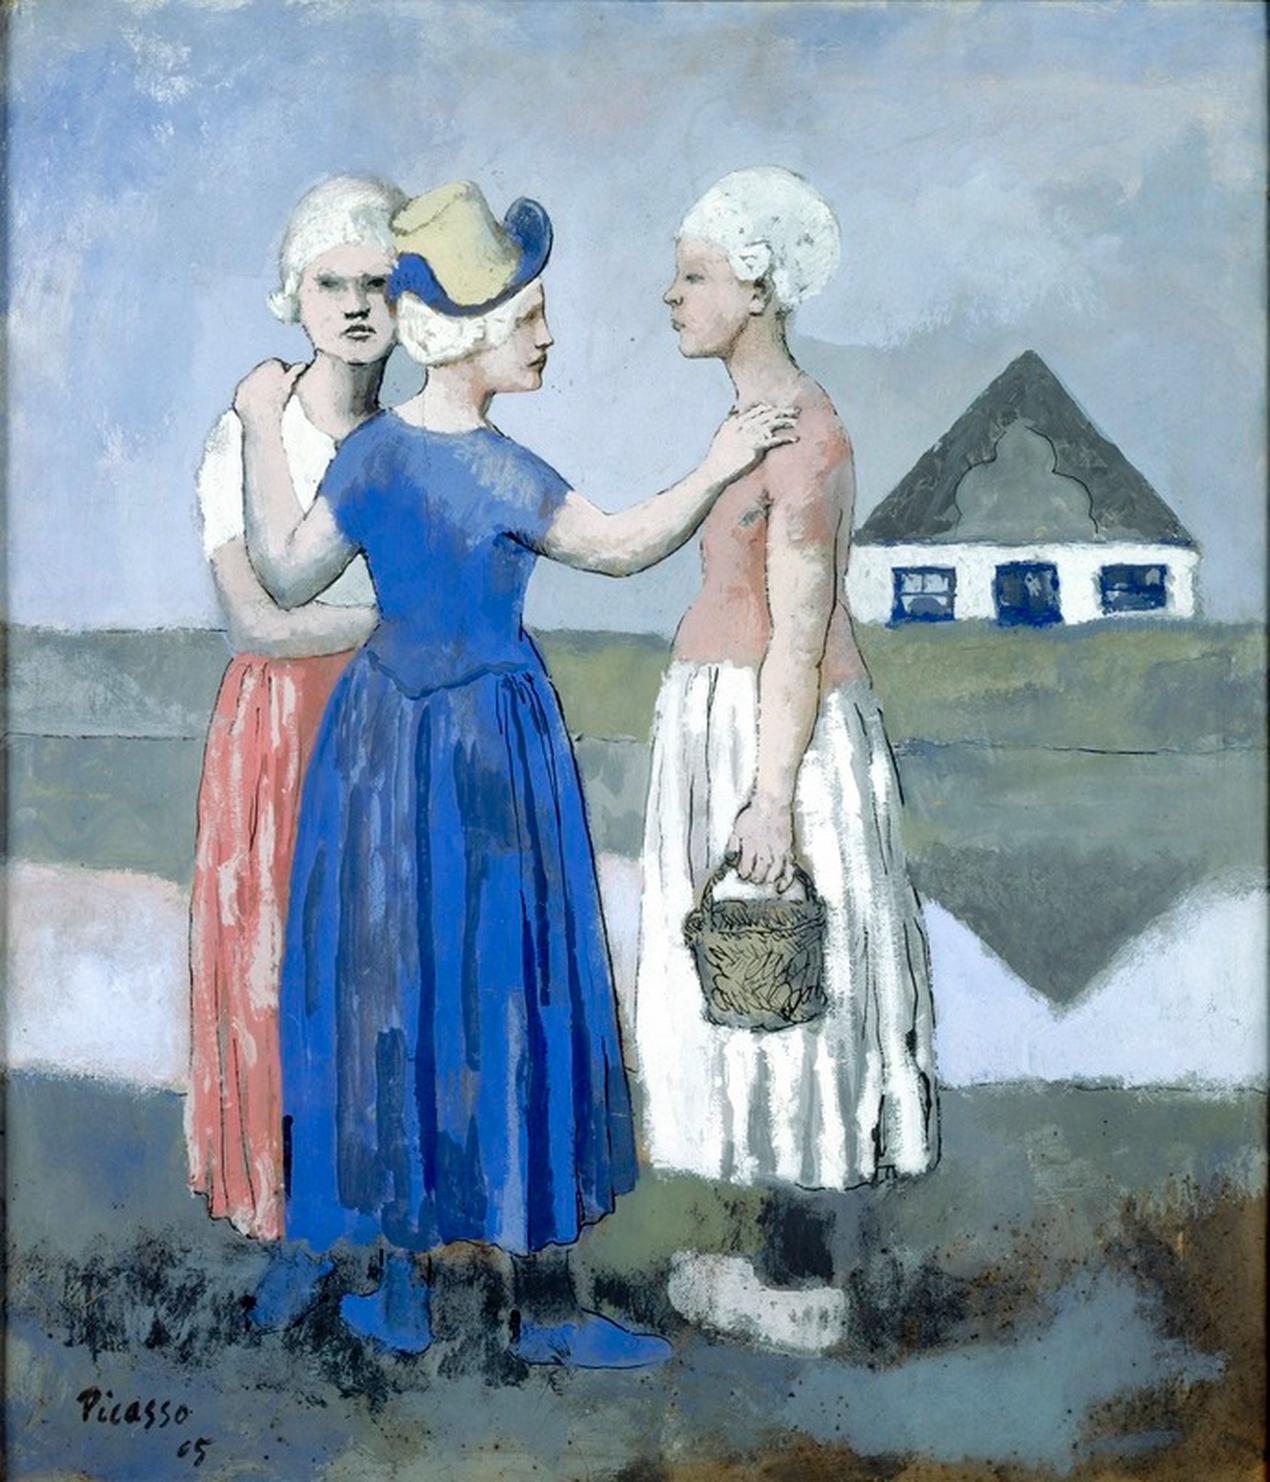 Picasso, Les trois Hollandaises